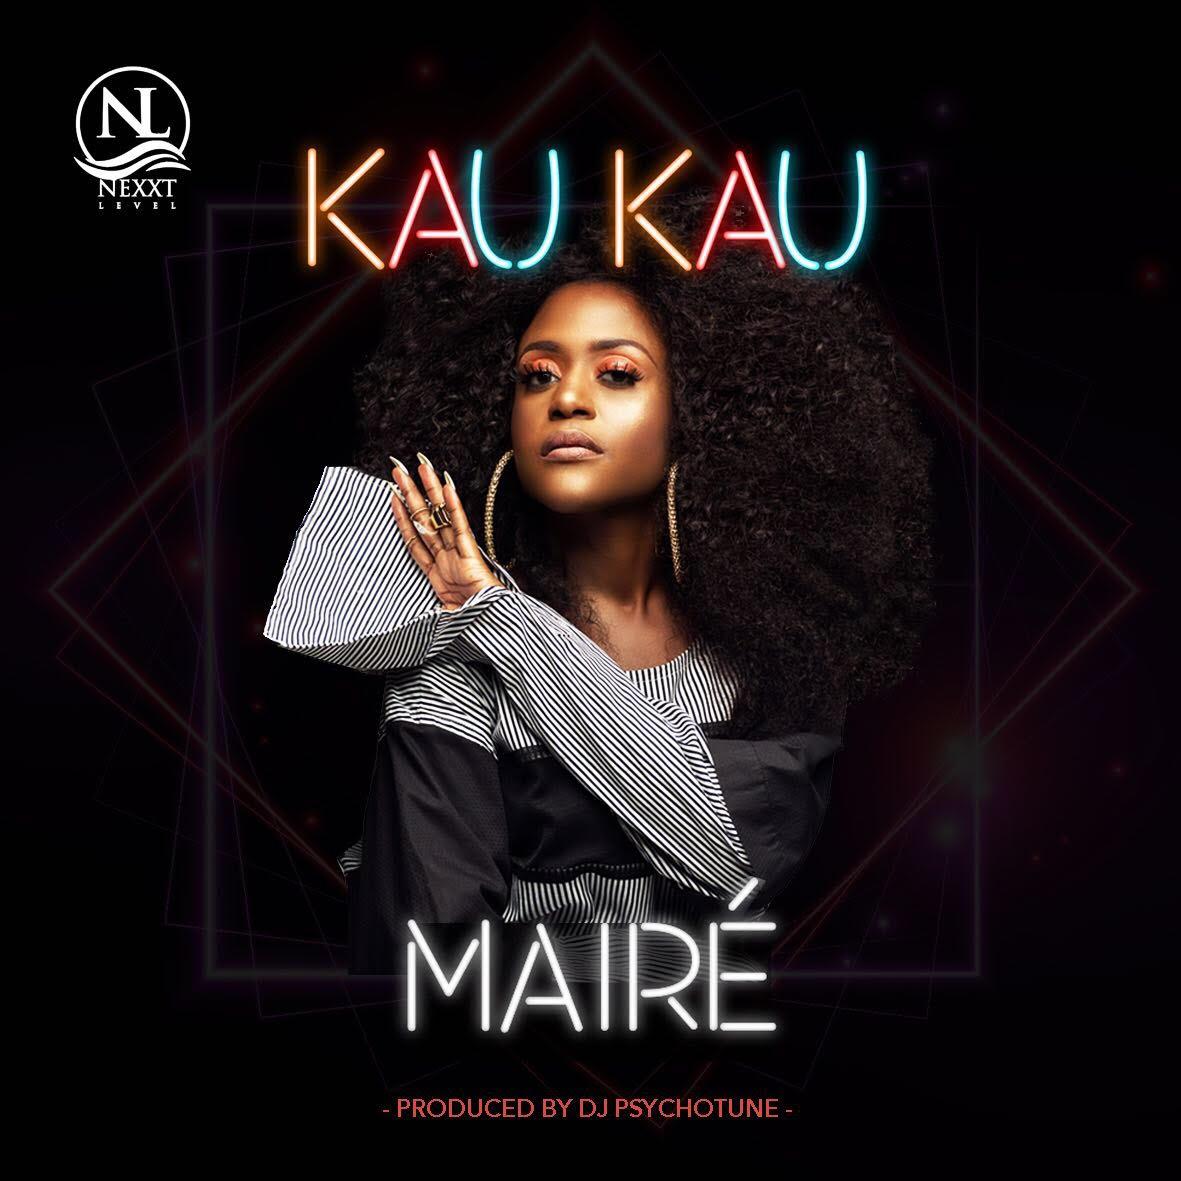 Mairé by Kau Kau